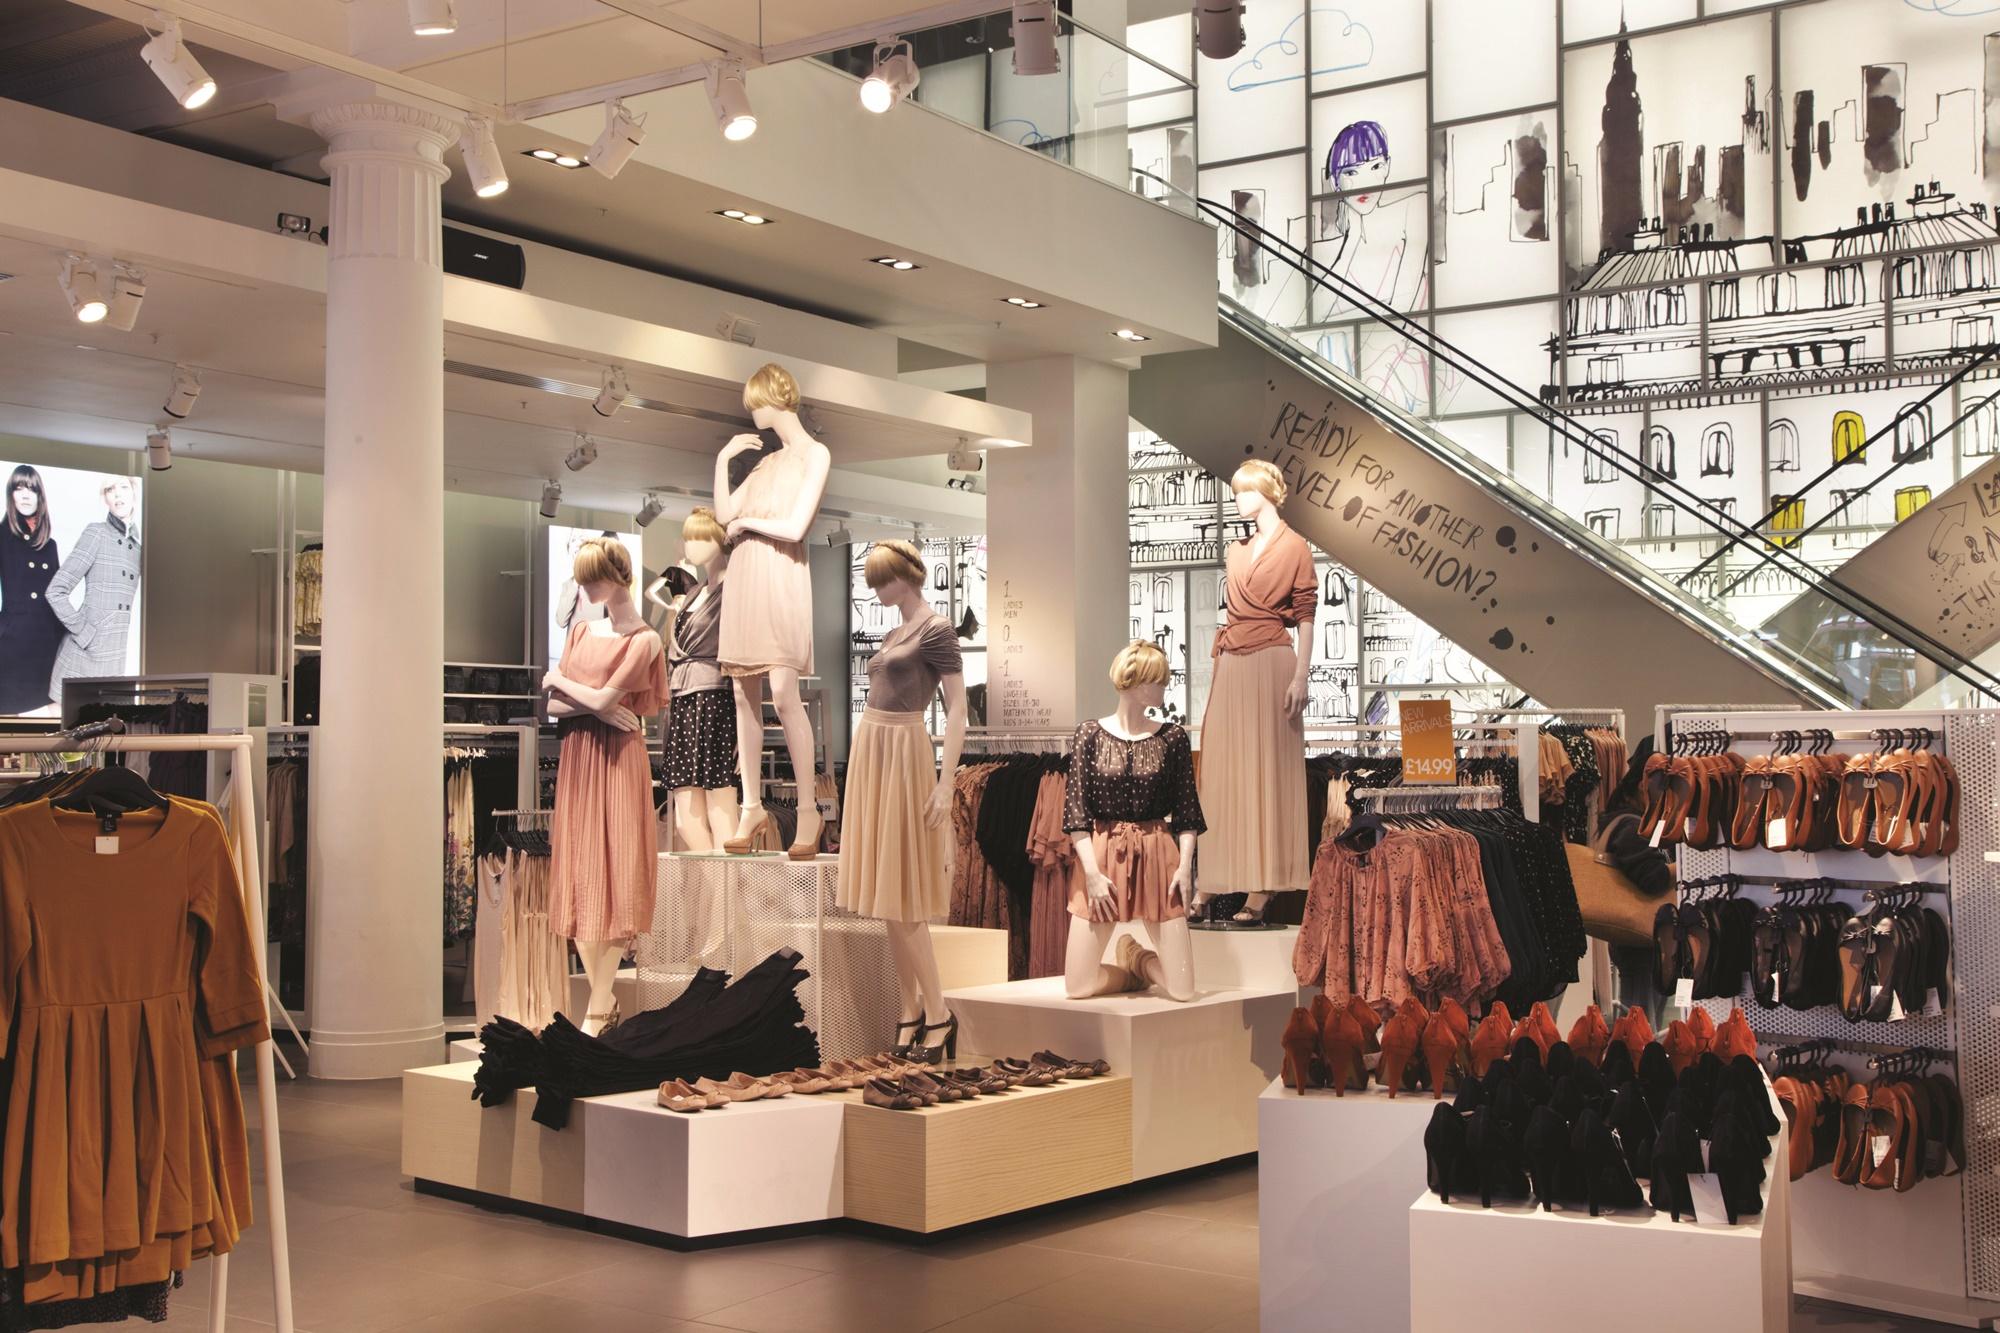 Les tenues placées sur des mannequins permettent aux clients d'imaginer des tenues complètes et leur donnent davantage l'envie d'acheter un ensemble complet.